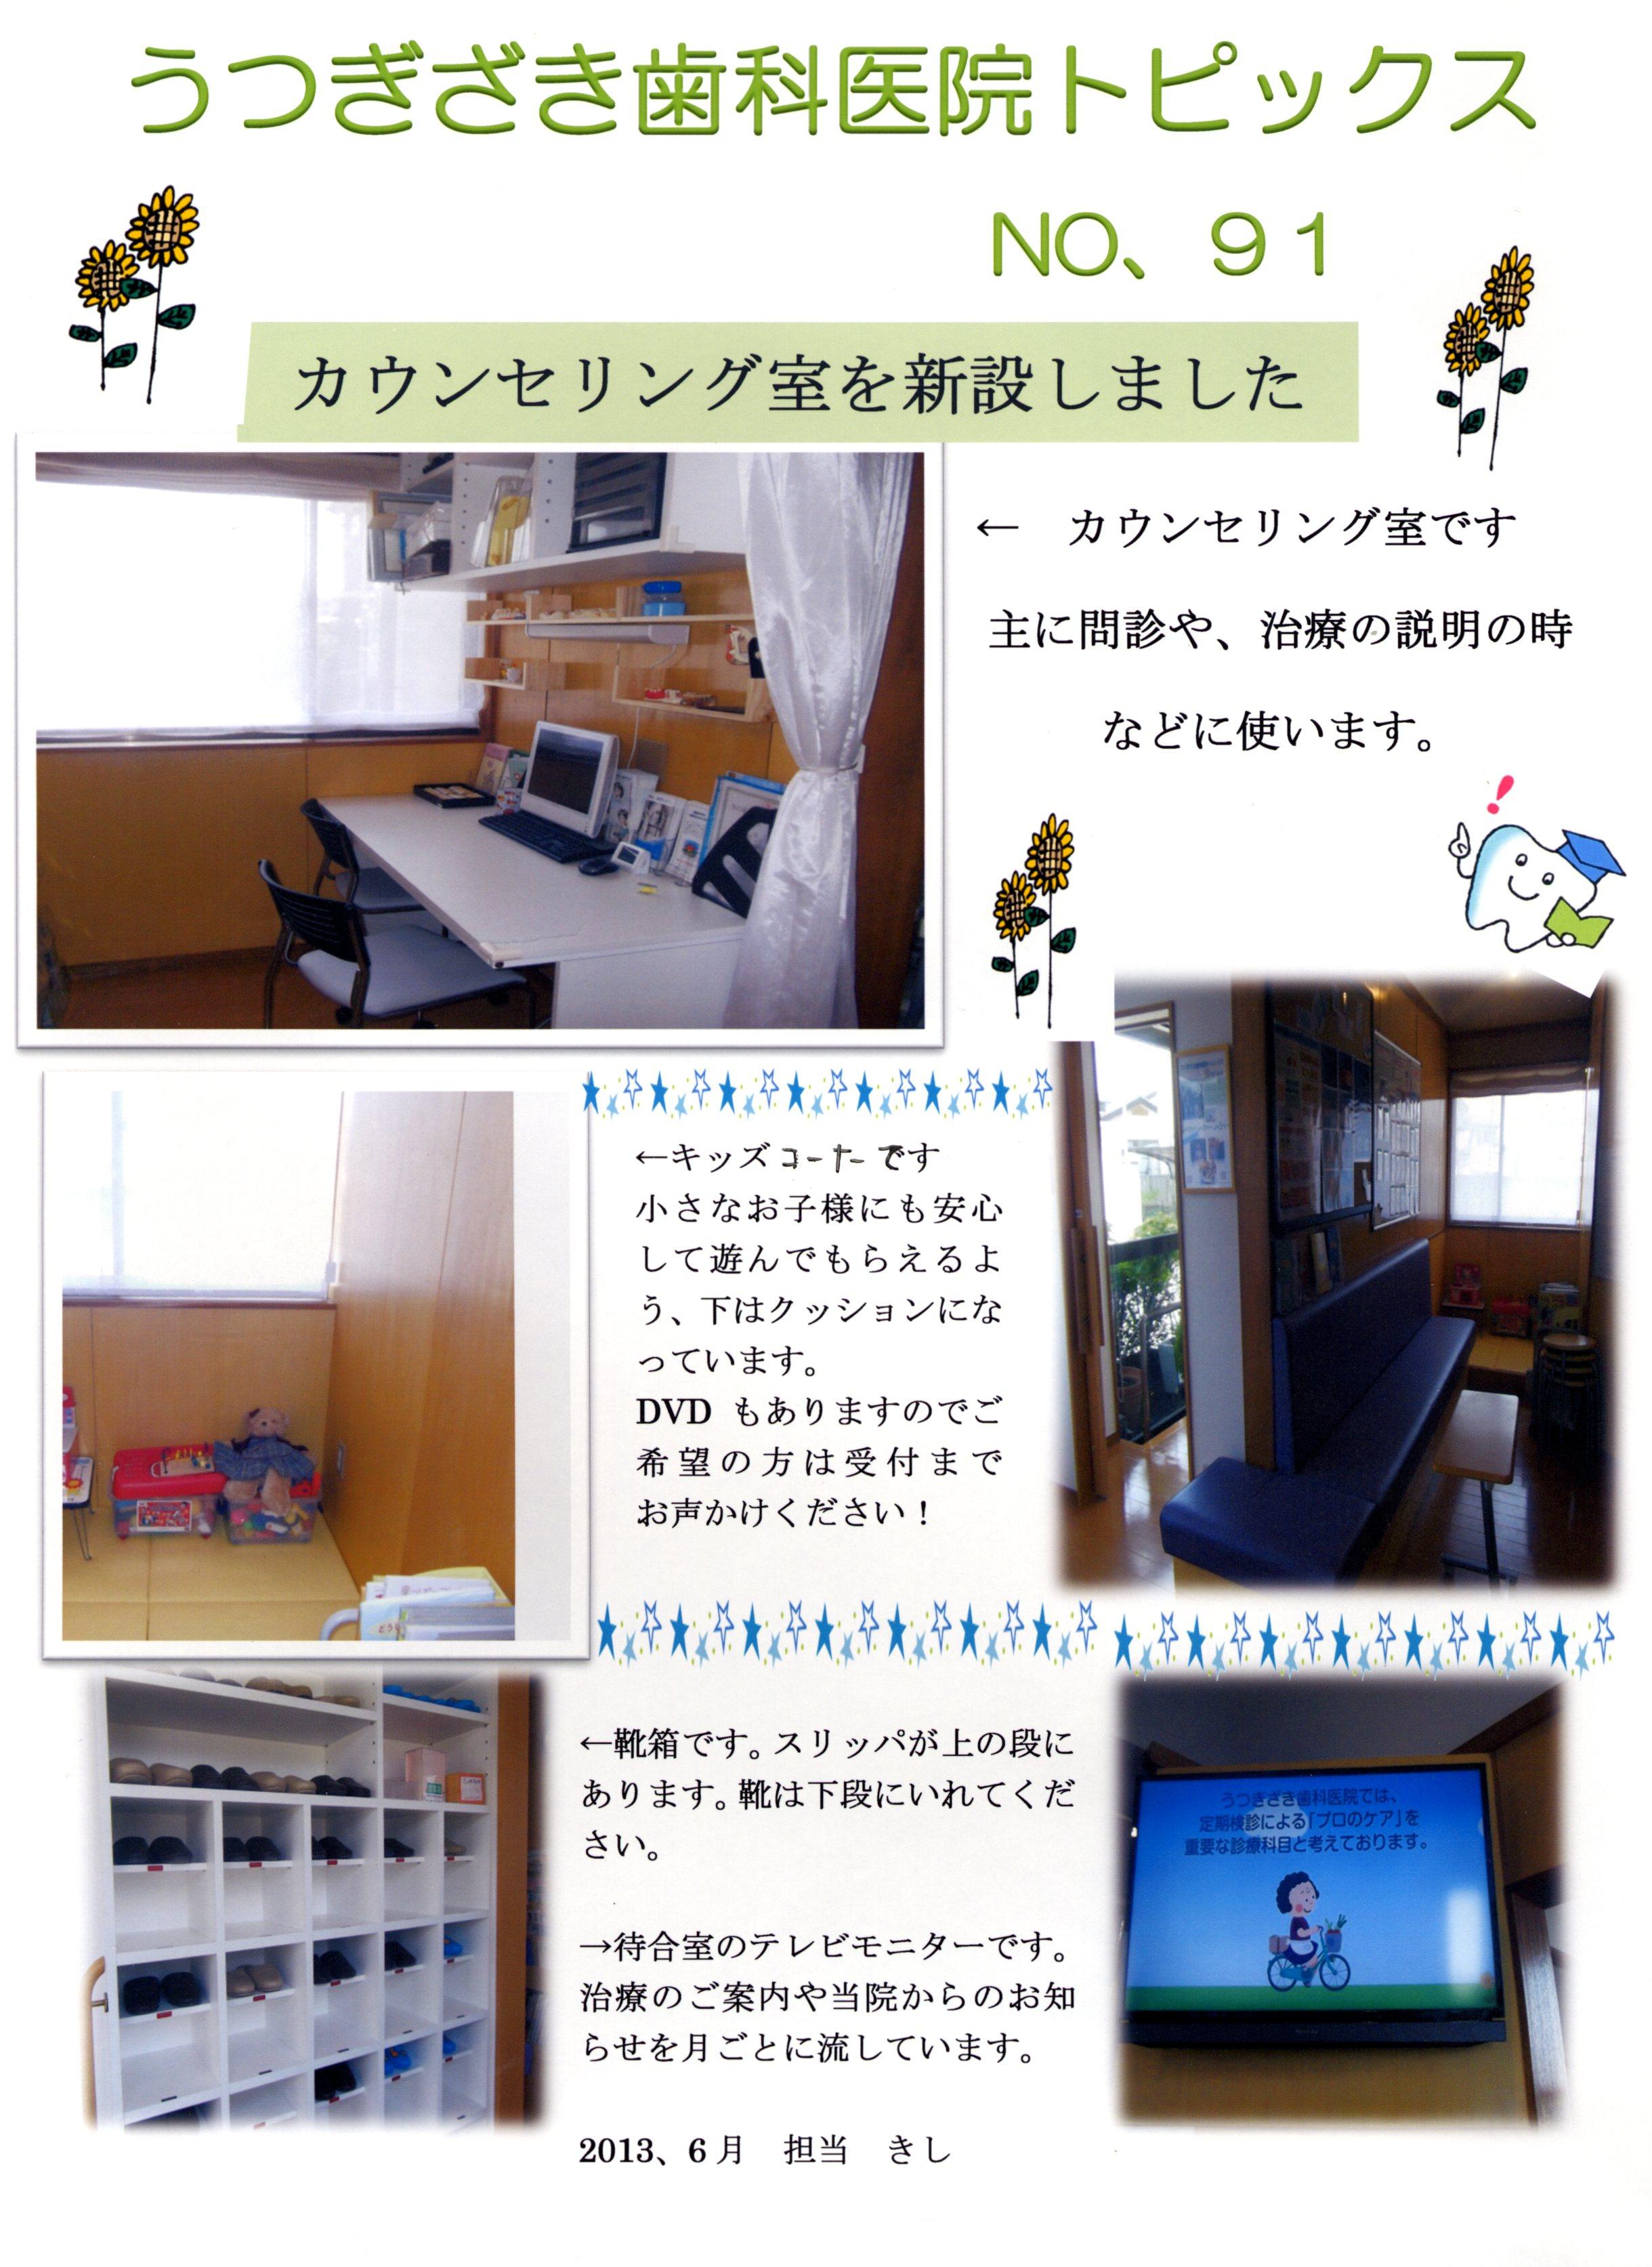 うつぎざき歯科医院トピックス NO.91